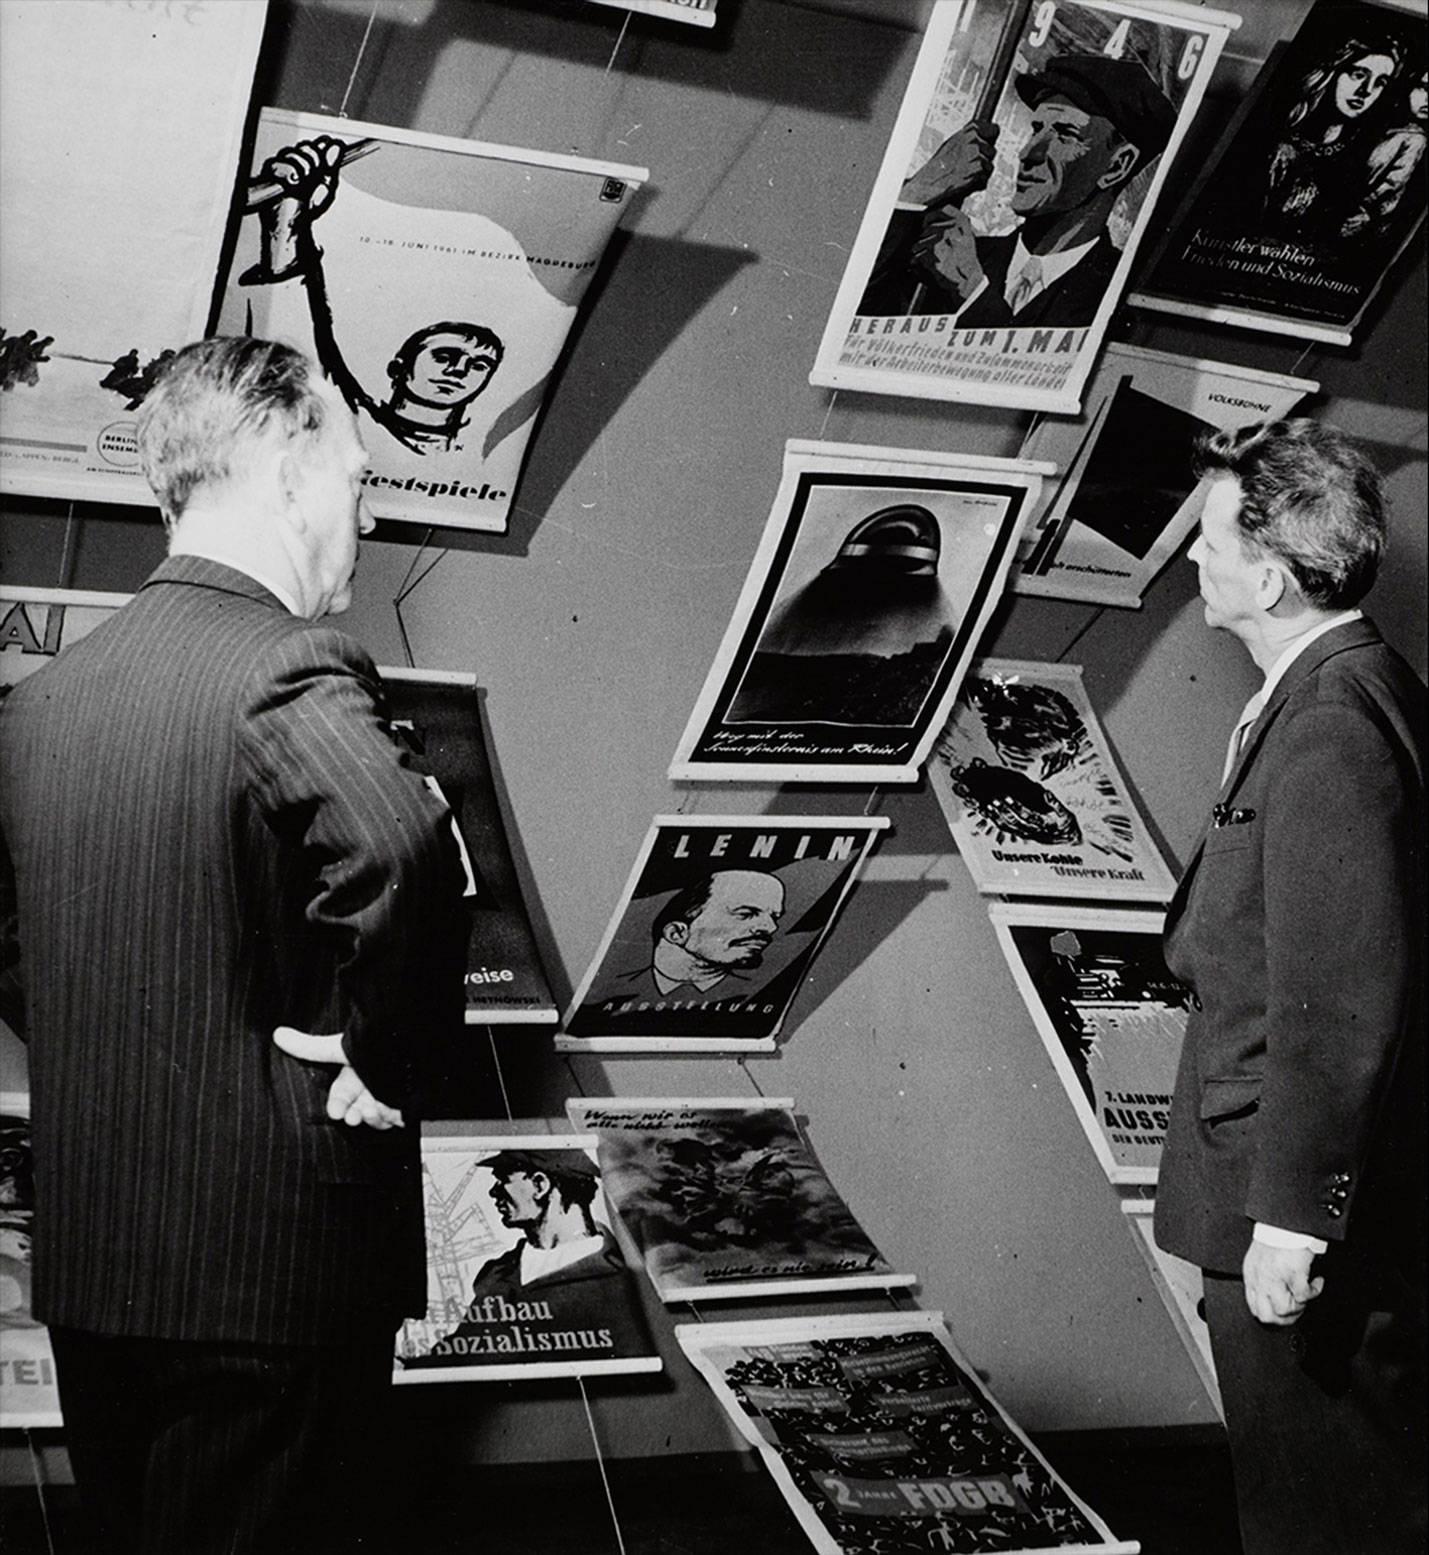 Heartfield-Ausstellung in Moskau 1958